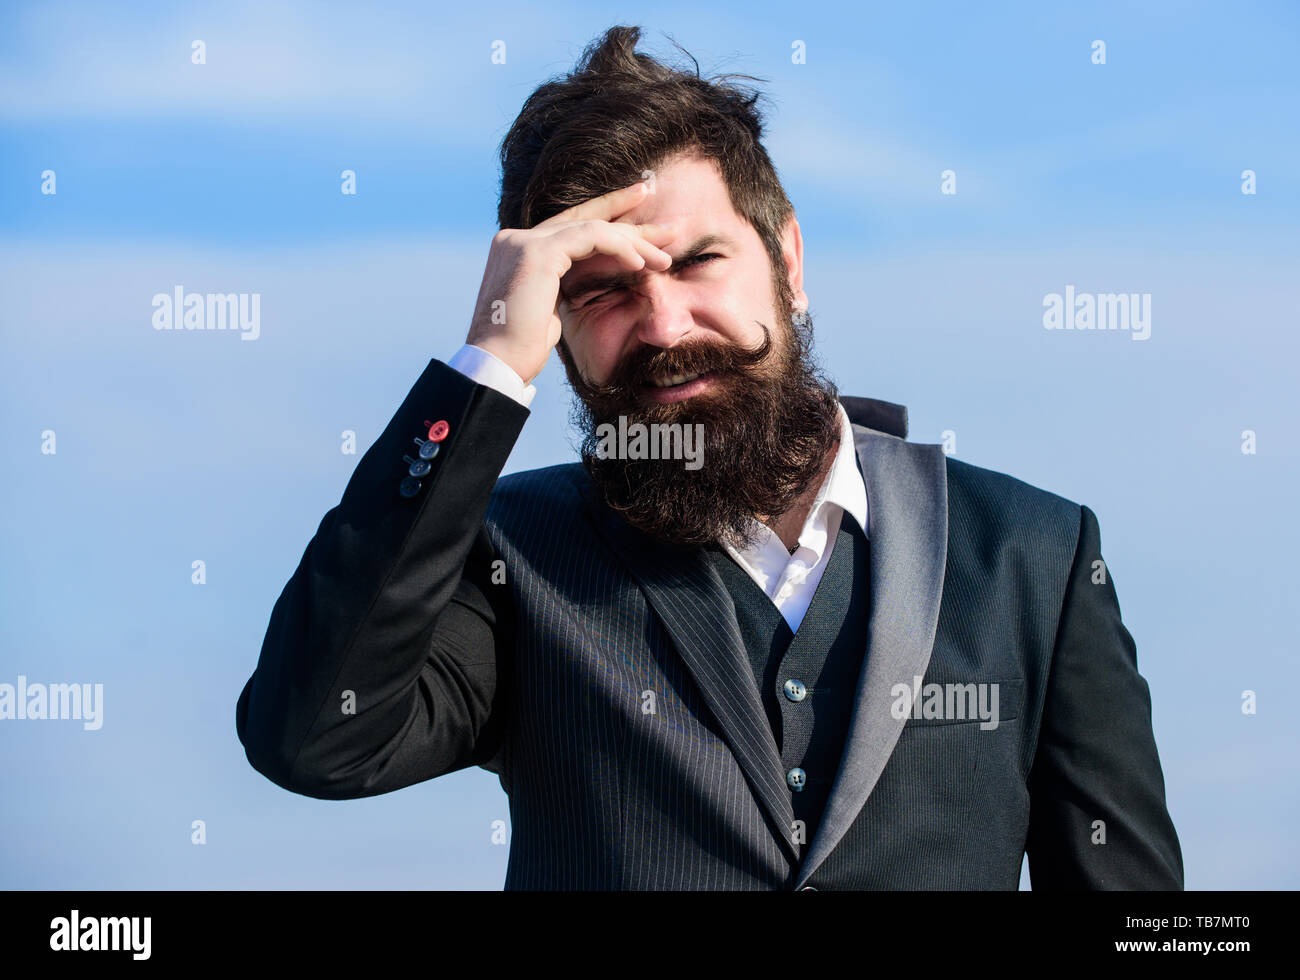 El hombre barbado rostro doloroso estresantes de fondo del cielo. Guy sufren cefalea día estresante. Estresante negocio. El dolor y la jaqueca. La frustración y la decepción. Error imperdonable. El fracaso de la empresa. Imagen De Stock